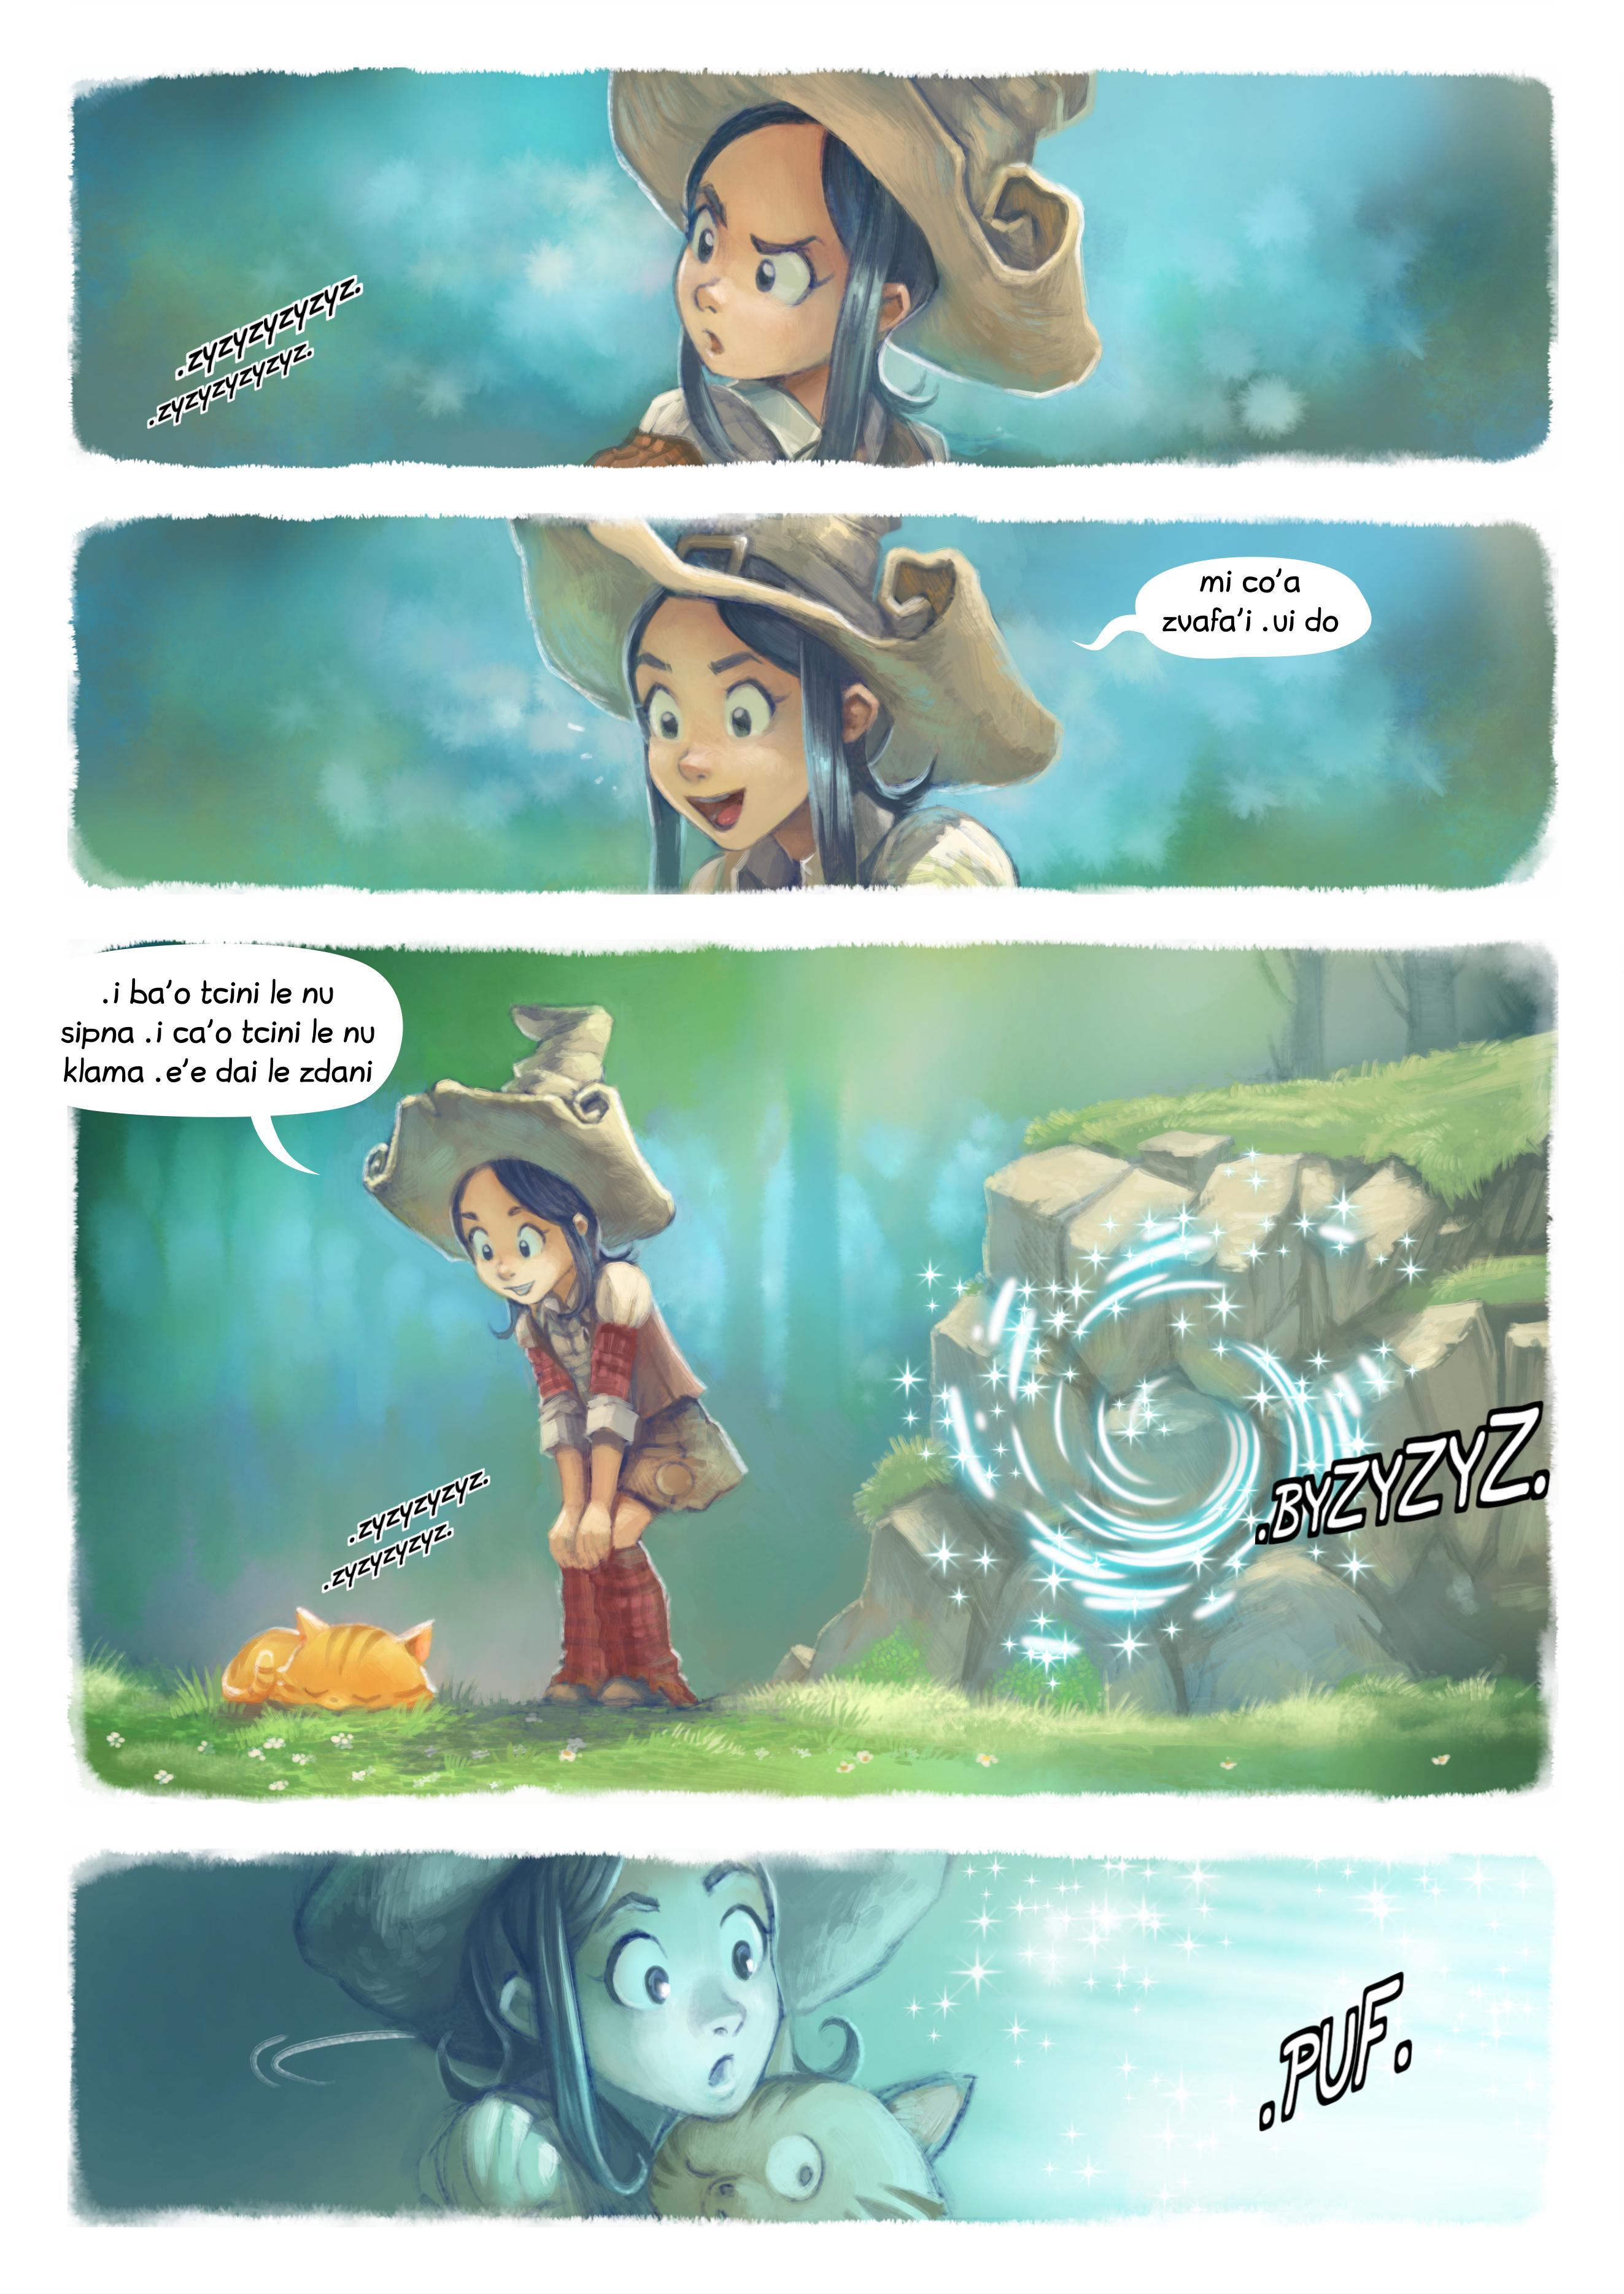 i 7 mo'o lisri le se djica, Page 2